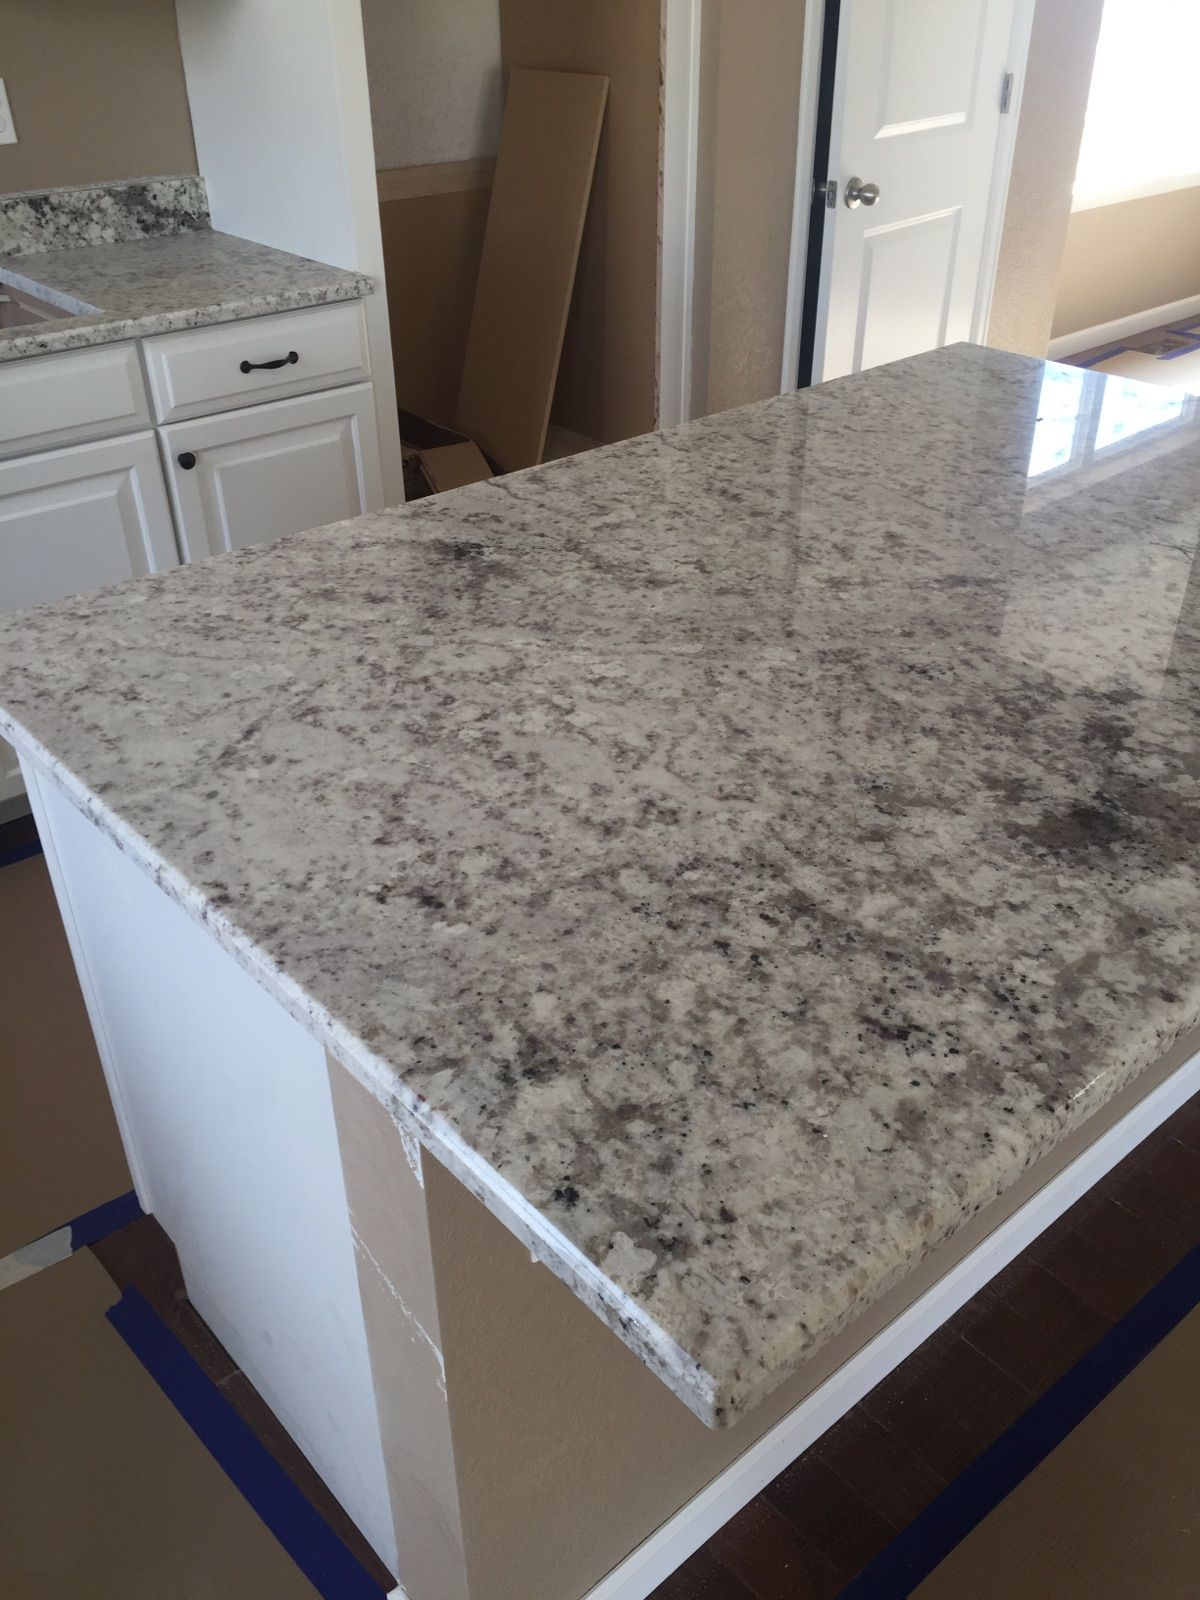 White galaxy granite ideas pictures remodel and decor - Galaxy White Granite Slab